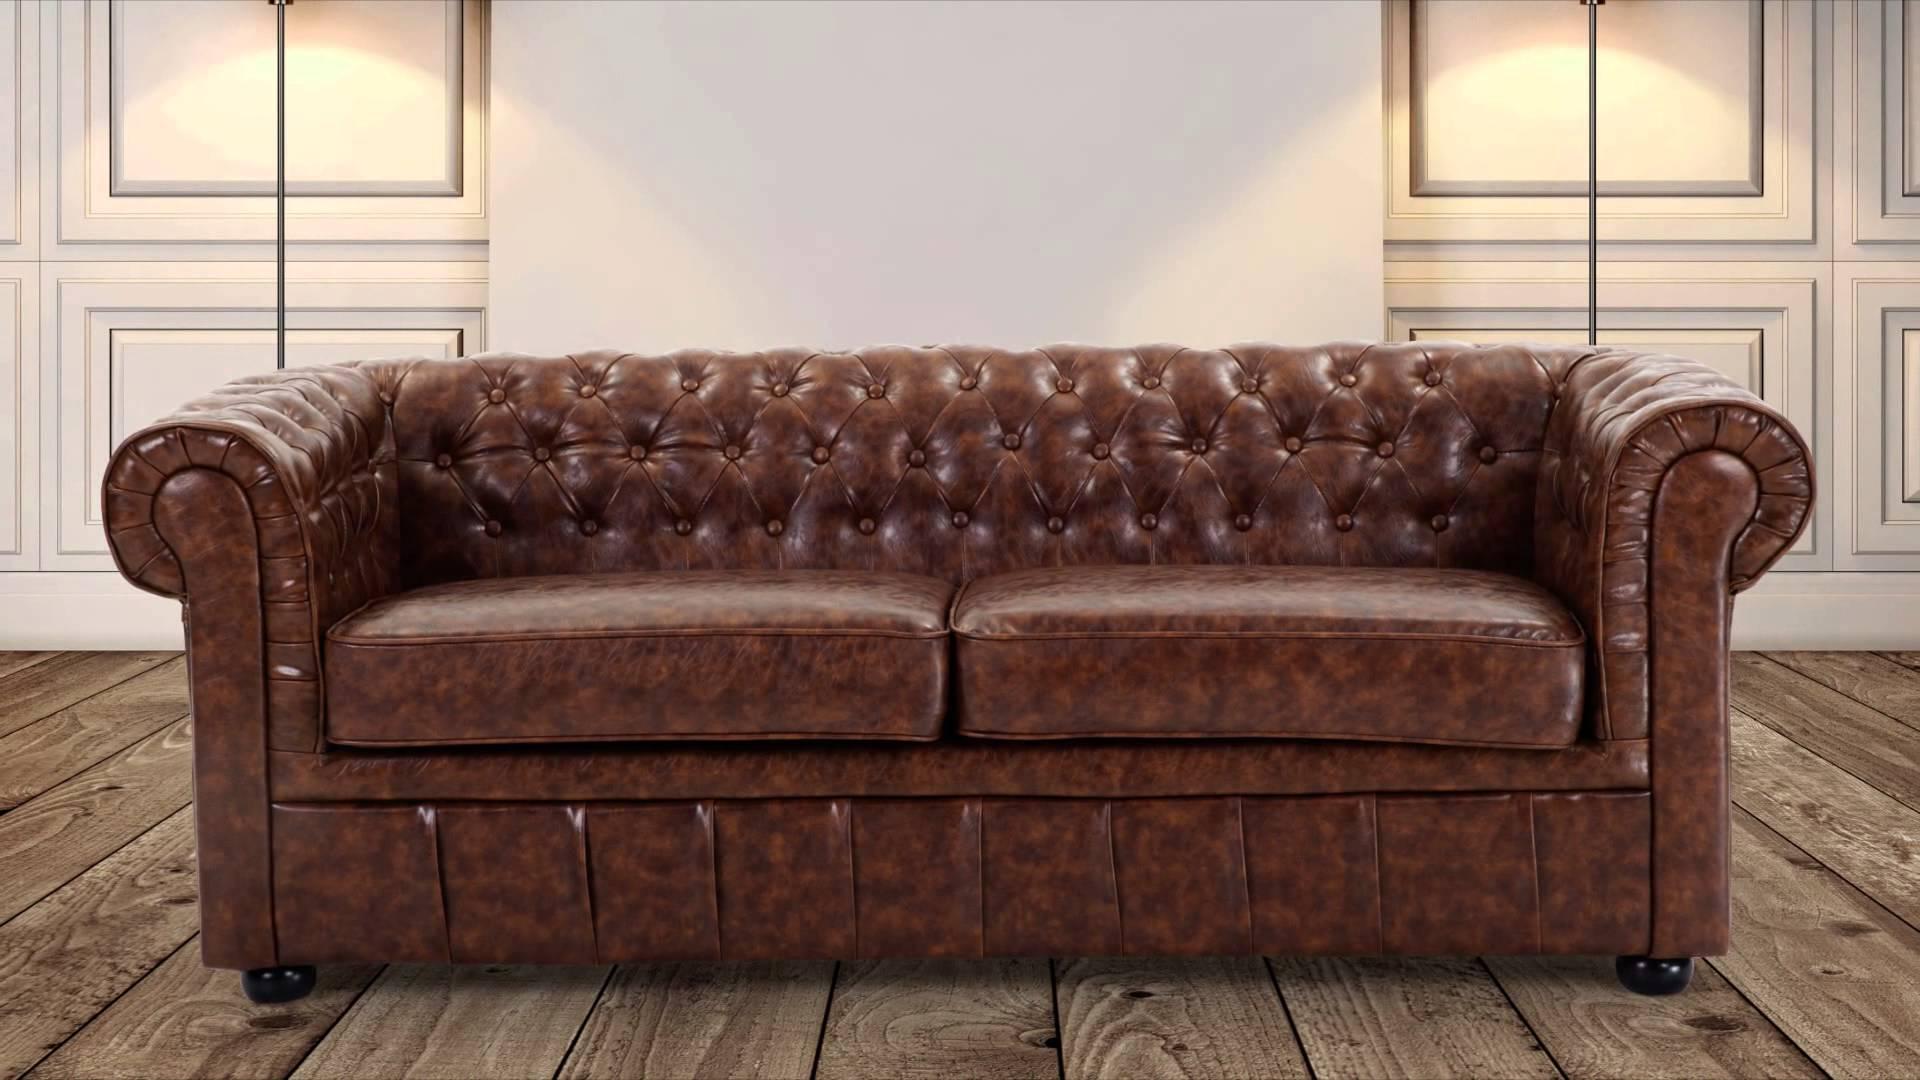 Συμβουλές καθαρισμού δερμάτινου καναπέ